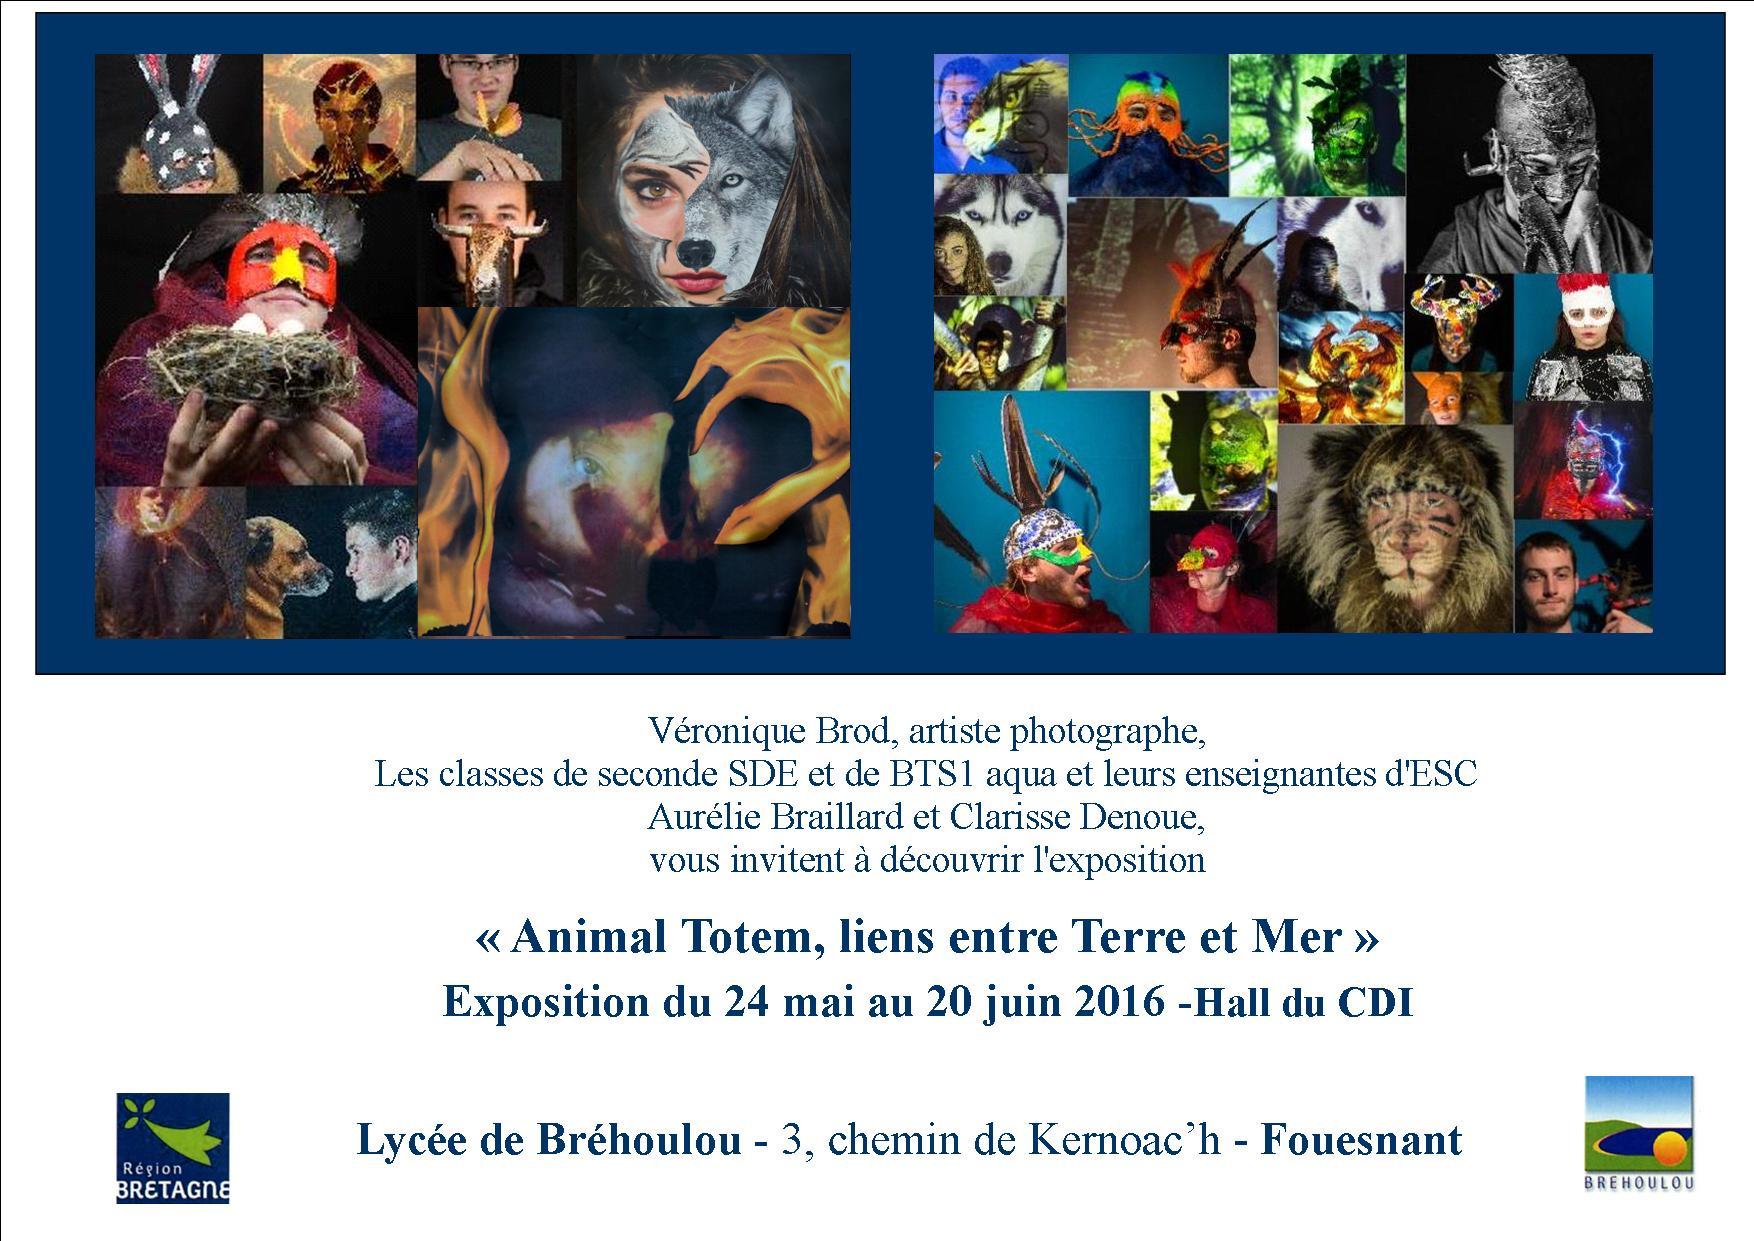 Exposition de Photographies, Lycée de Bréhoulou -Fouesnant